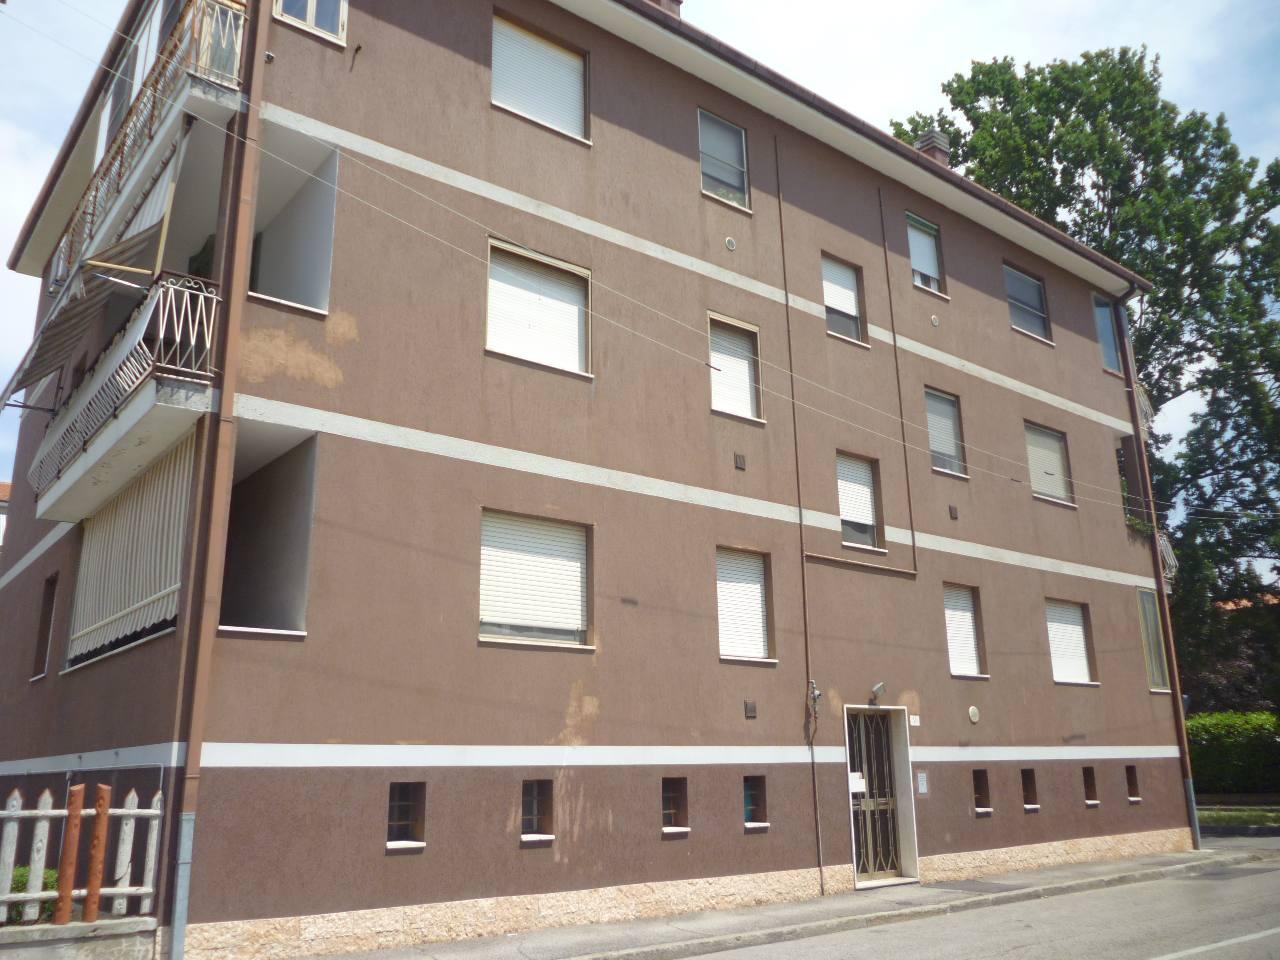 Appartamento in vendita a Ferrara, 3 locali, zona Zona: Via Bologna , prezzo € 85.000 | CambioCasa.it